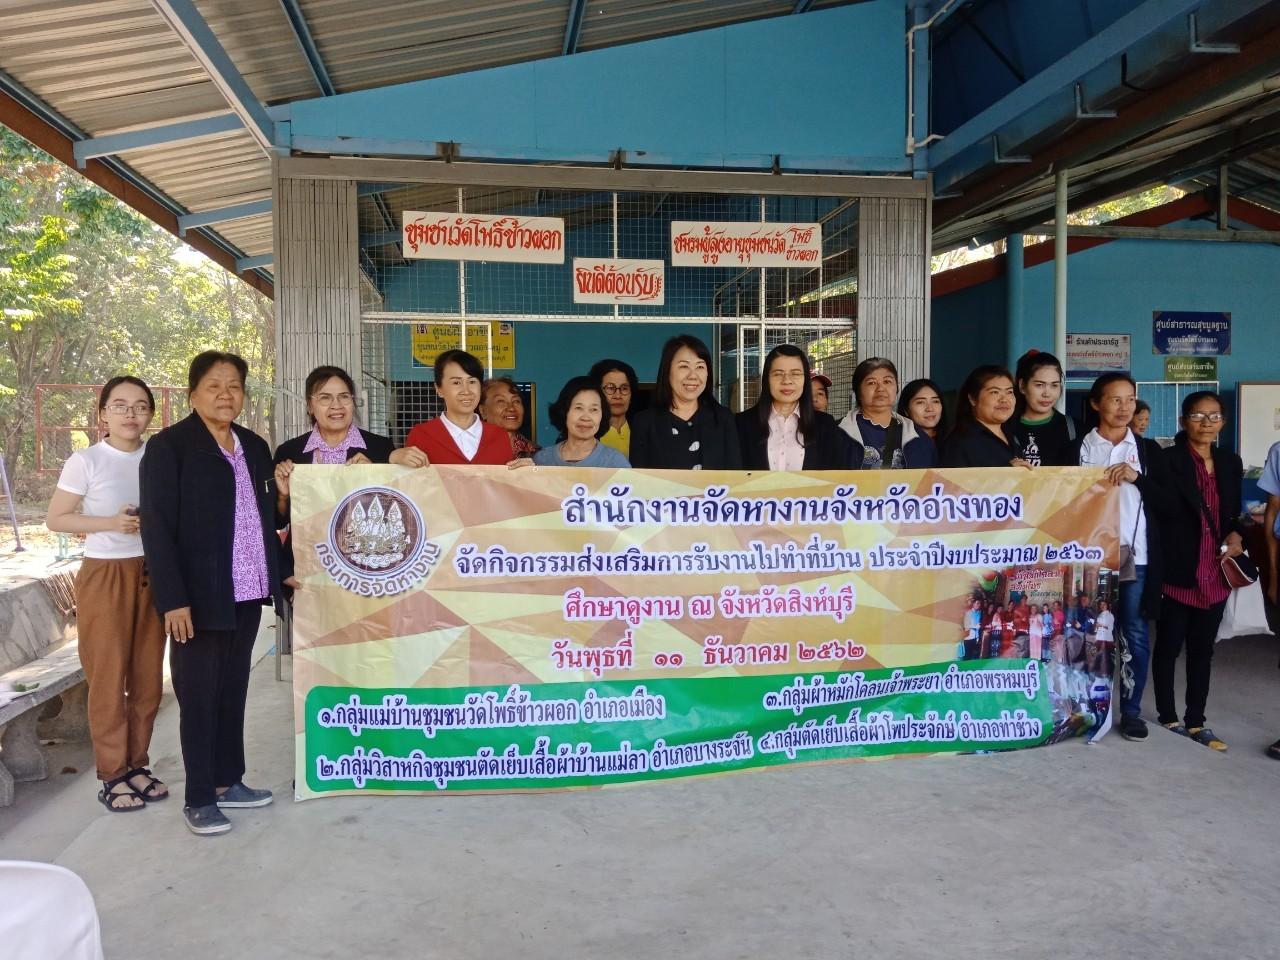 โครงการเตรียมความพร้อมแก่กำลังแรงงานกิจกรรมส่งเสริมการรับงานไปทำที่บ้านศึกษาดูงาน ณ จังหวัดสิงห์บุรี